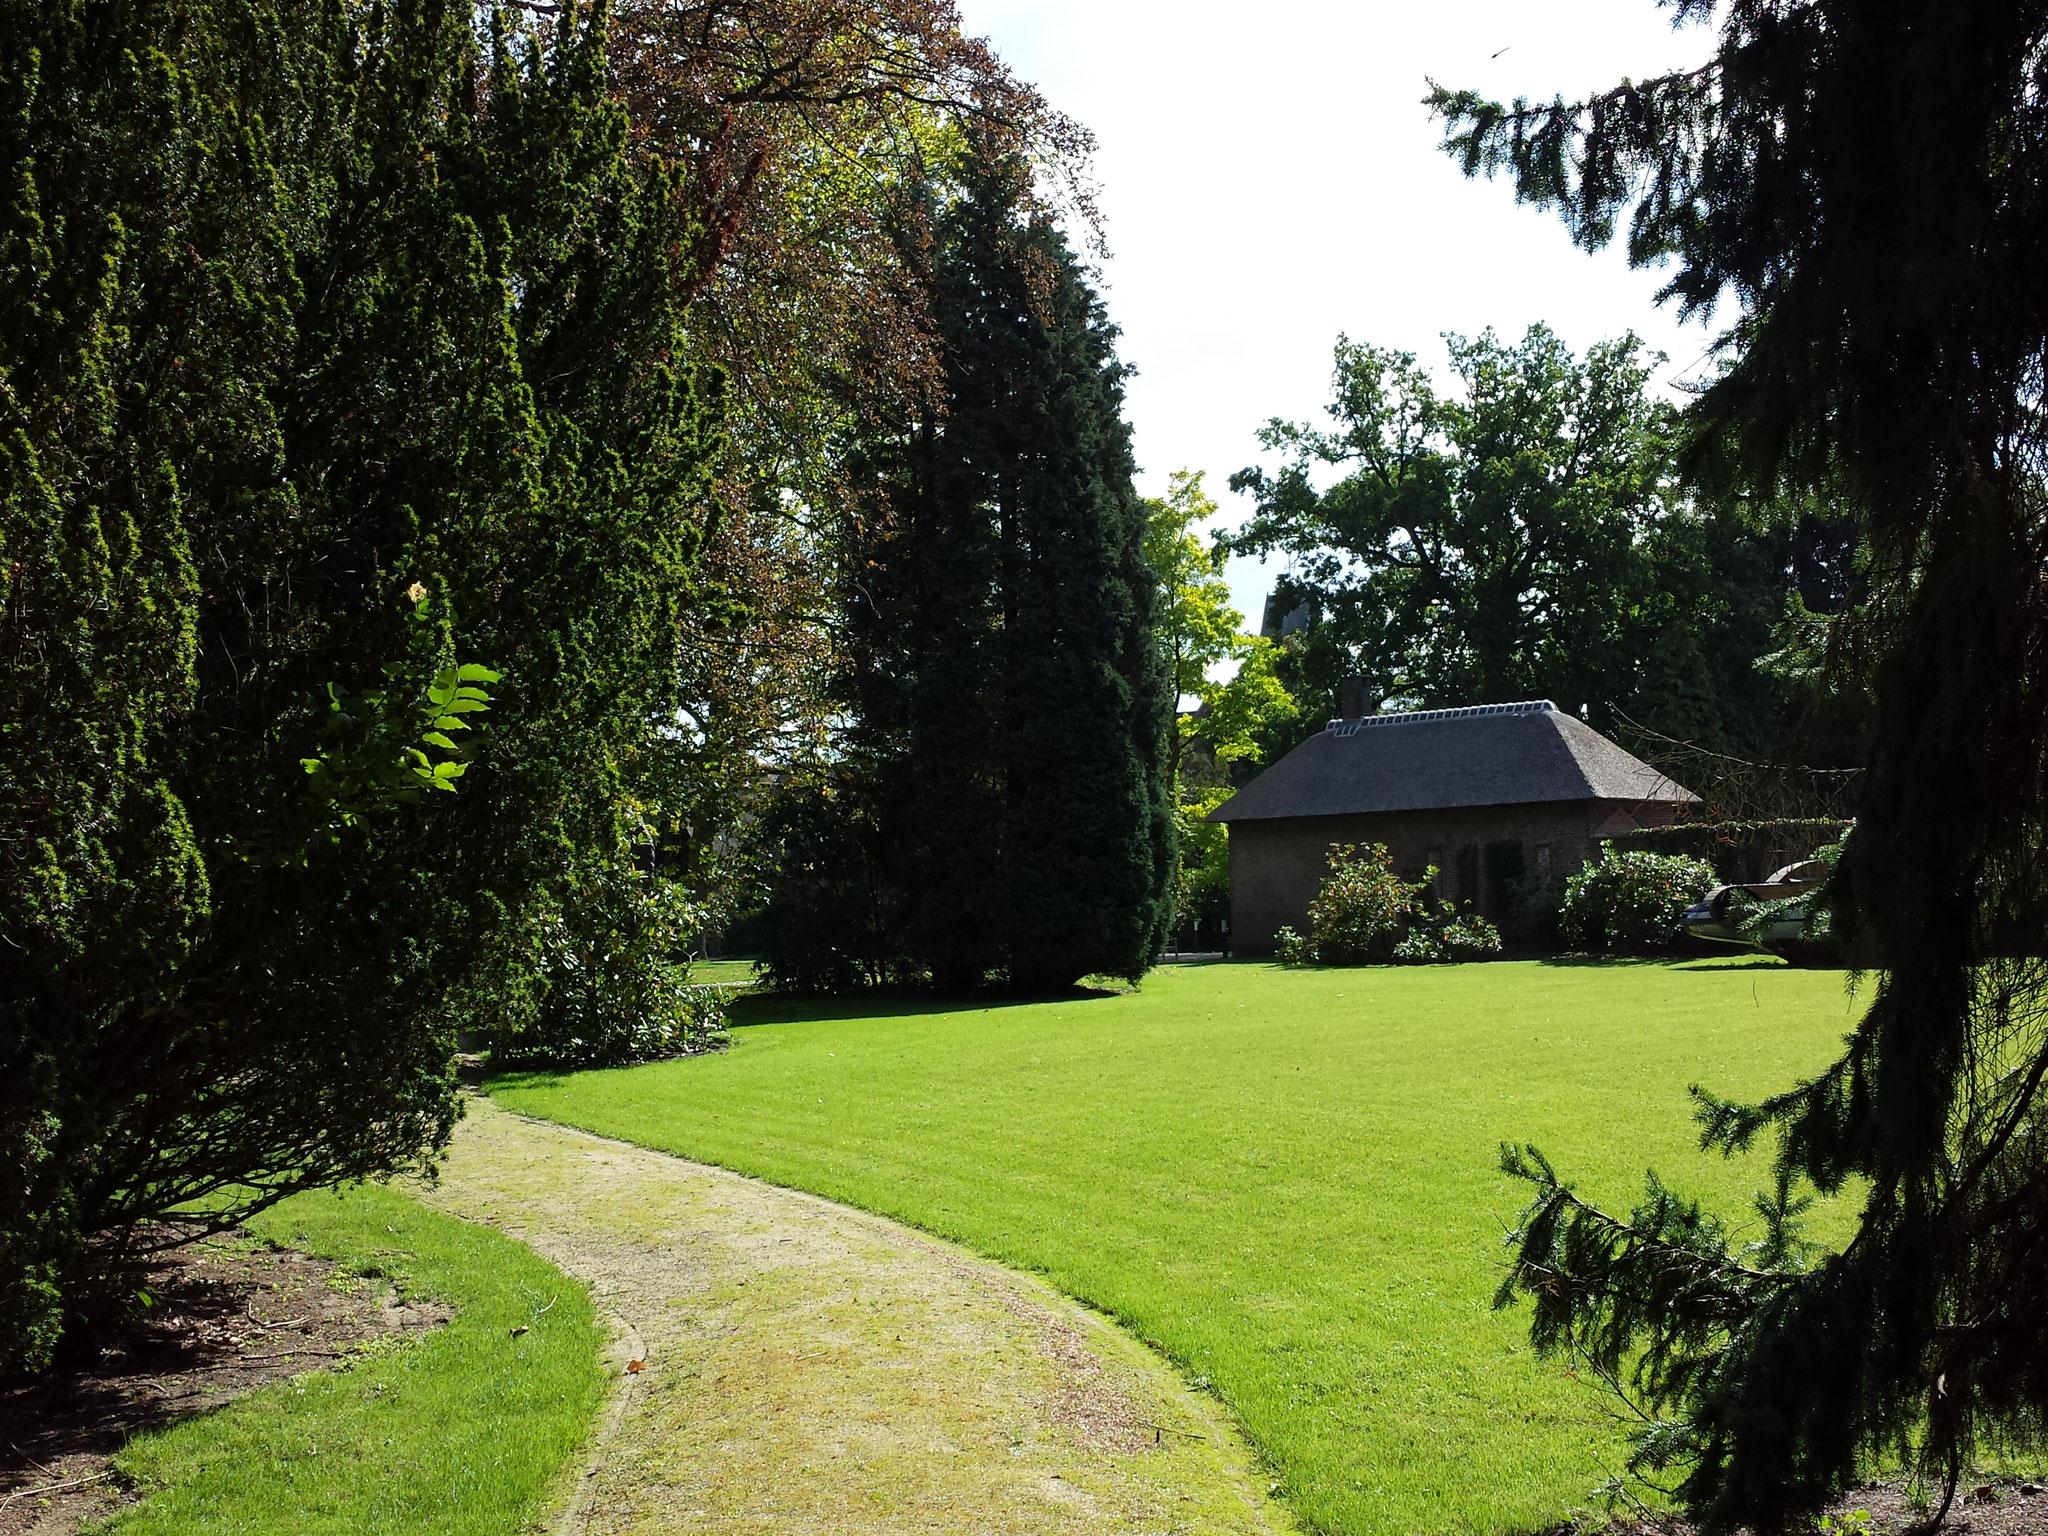 Impressie van de tuin na de parktuin.